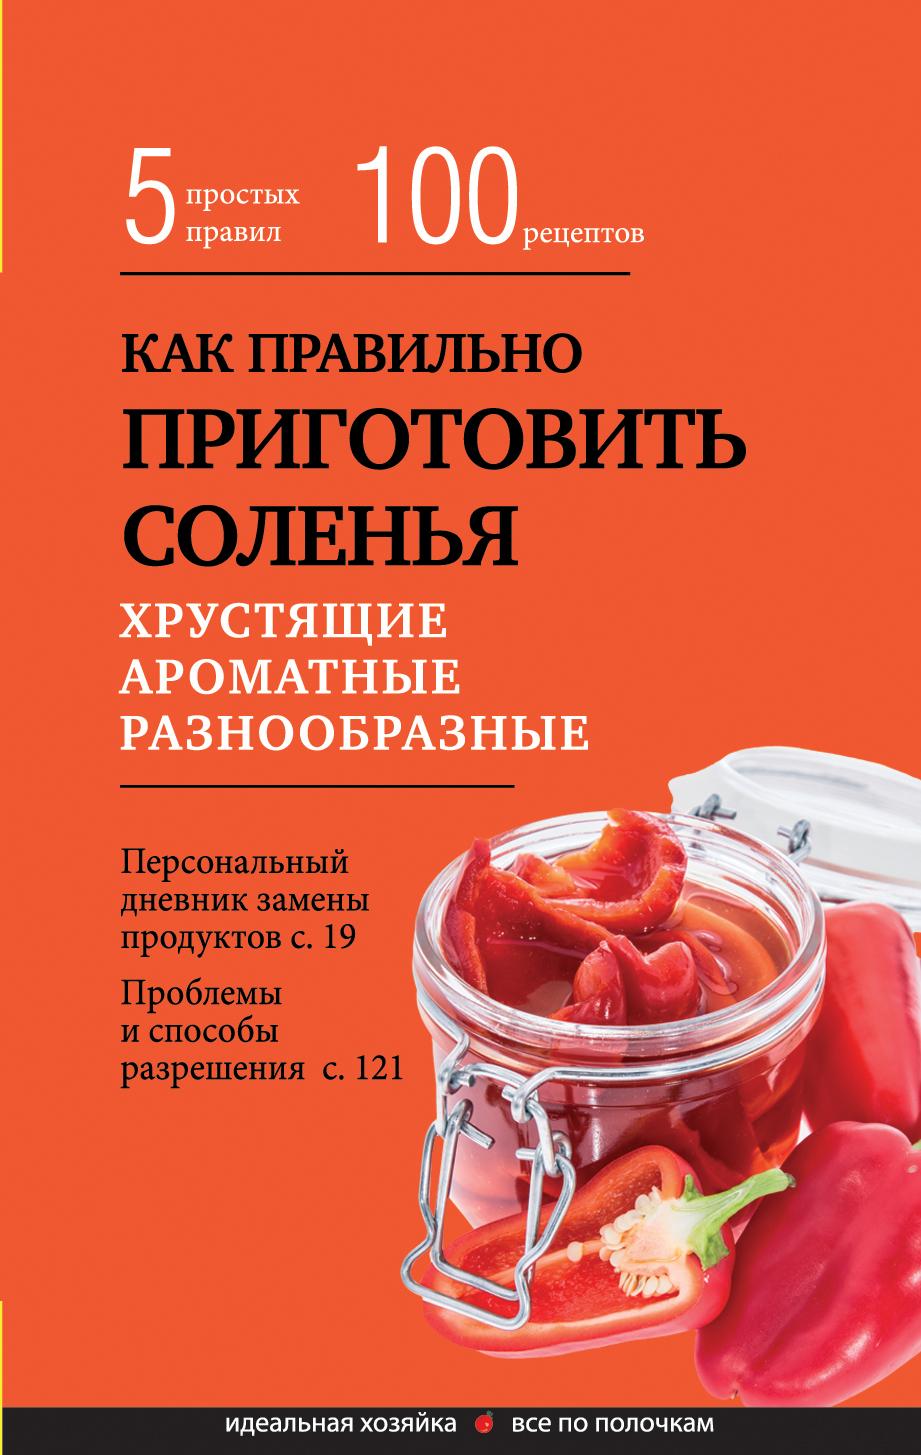 Элга Боровская Как правильно приготовить соленья. 5 простых правил и более 100 рецептов цена